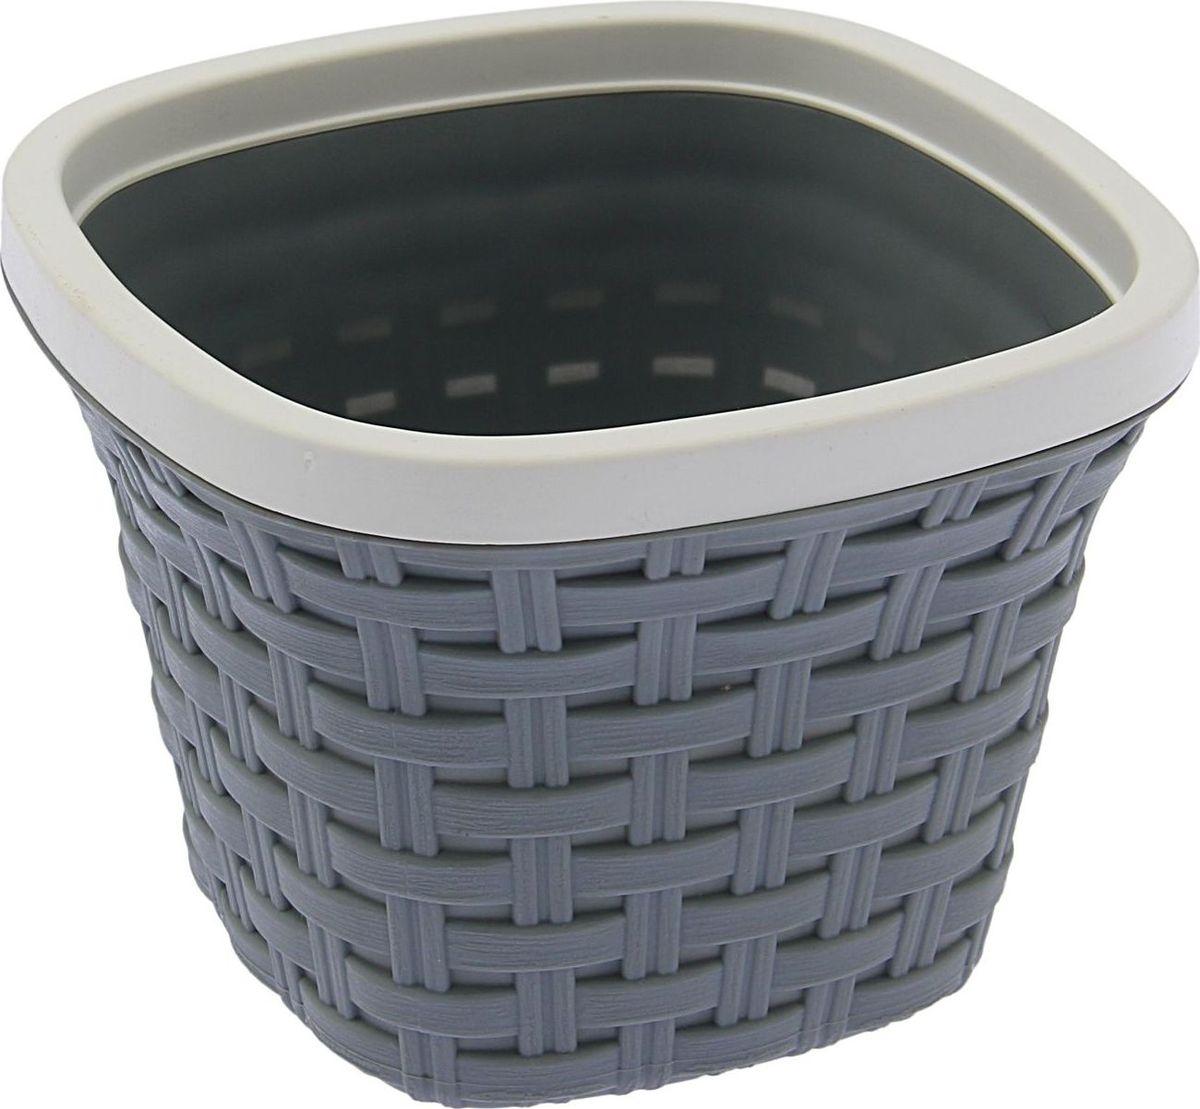 Кашпо квадратное Violet Ротанг, с дренажной системой, цвет: серый, 1,3 л33130/8Квадратное кашпо Violet Ротанг изготовлено из высококачественного пластика и оснащено дренажной системой для быстрого отведения избытка воды при поливе. Изделие прекрасно подходит для выращивания растений и цветов в домашних условиях. Объем: 1,3 л.